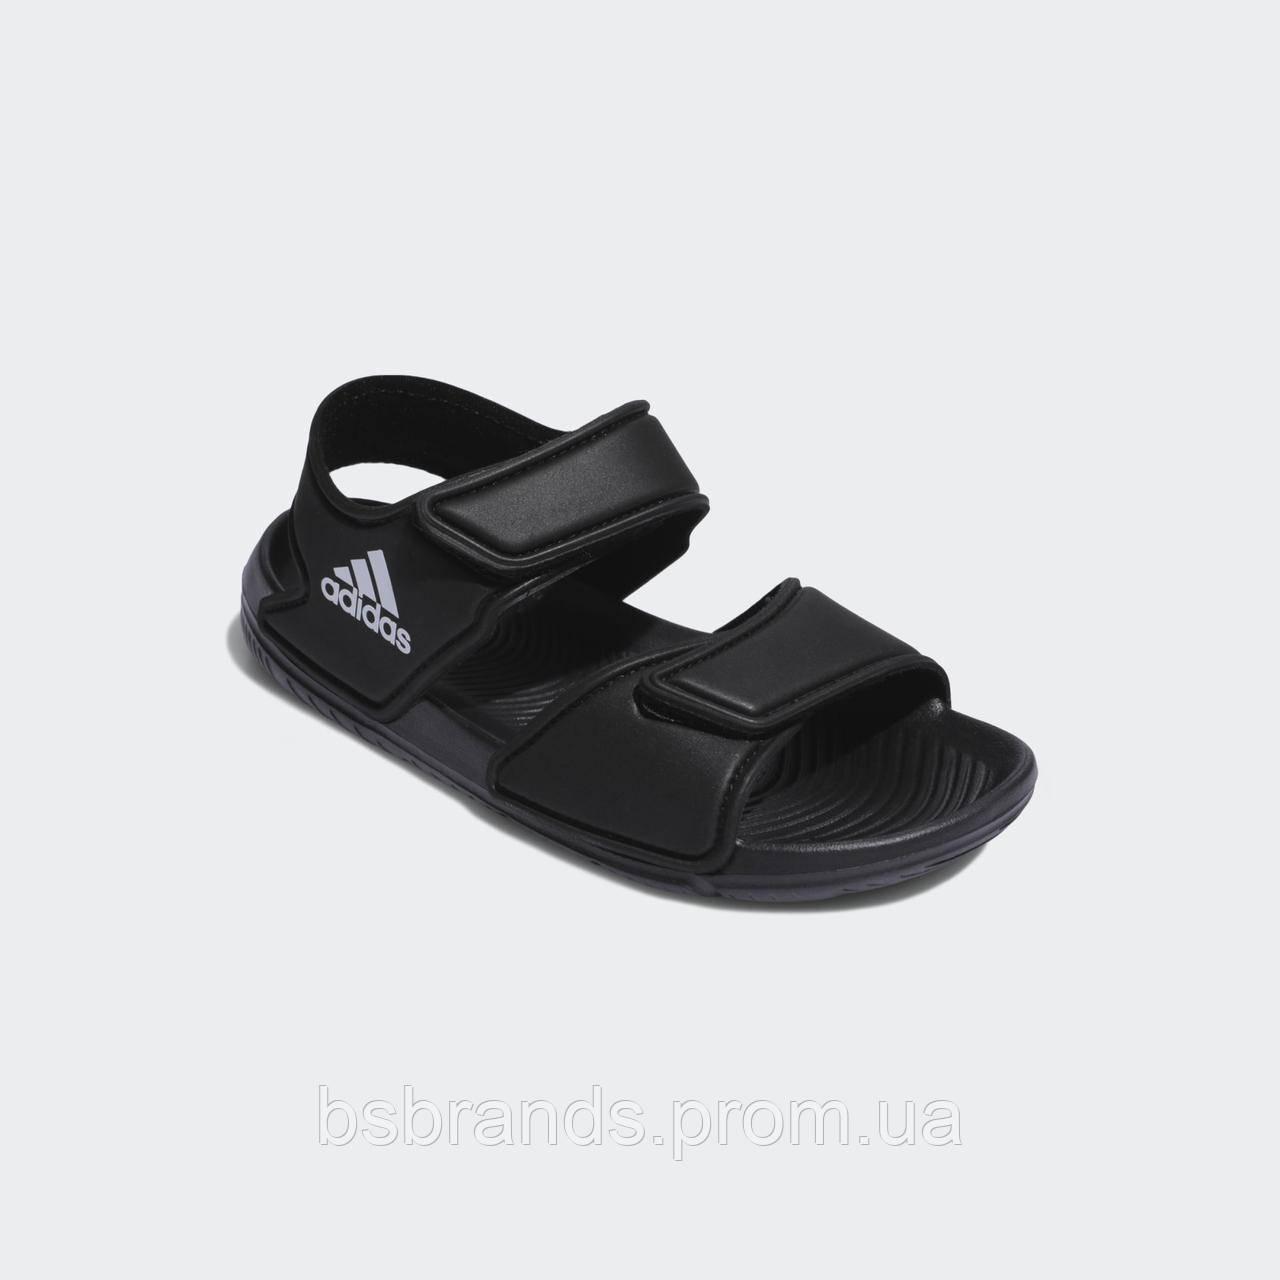 Детские сандалии adidas AltaSwim EG2134 (2020/1)